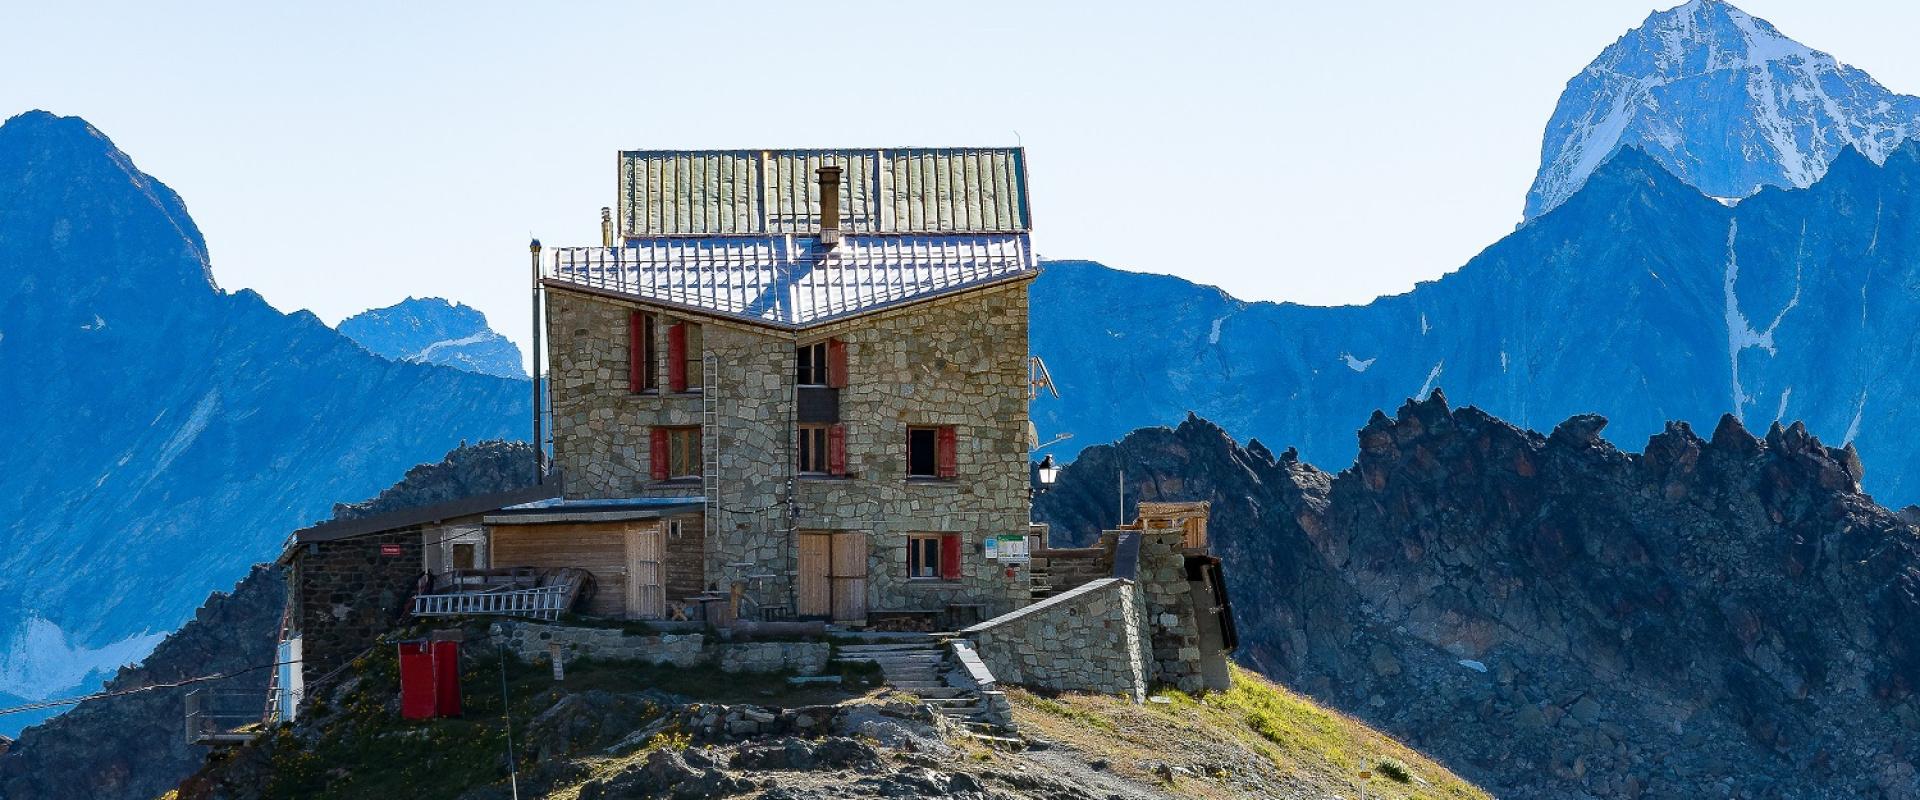 Berghütten und Schutzhütten